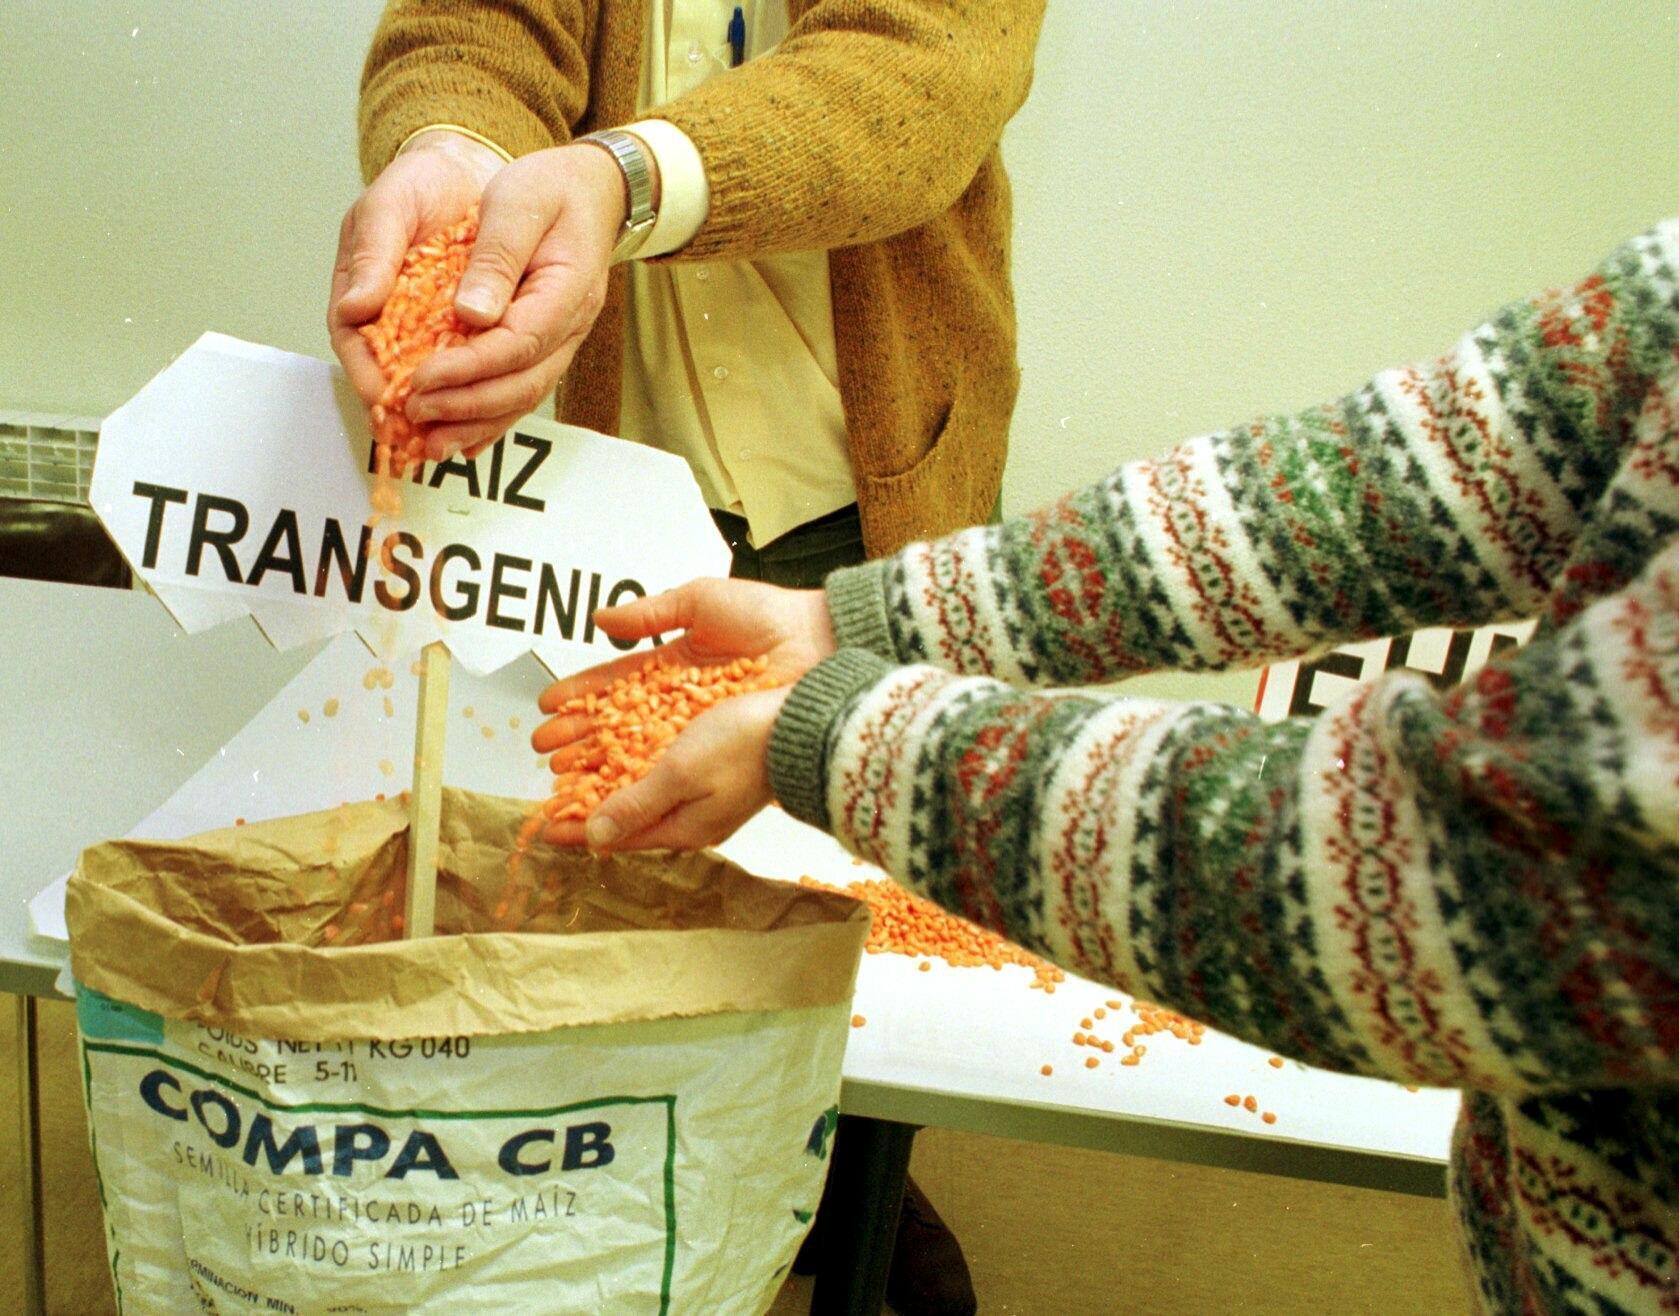 Unos agricultores muestran semillas de maíces transgénicos comercializados en España. / DAVID AGUILAR (EFE)